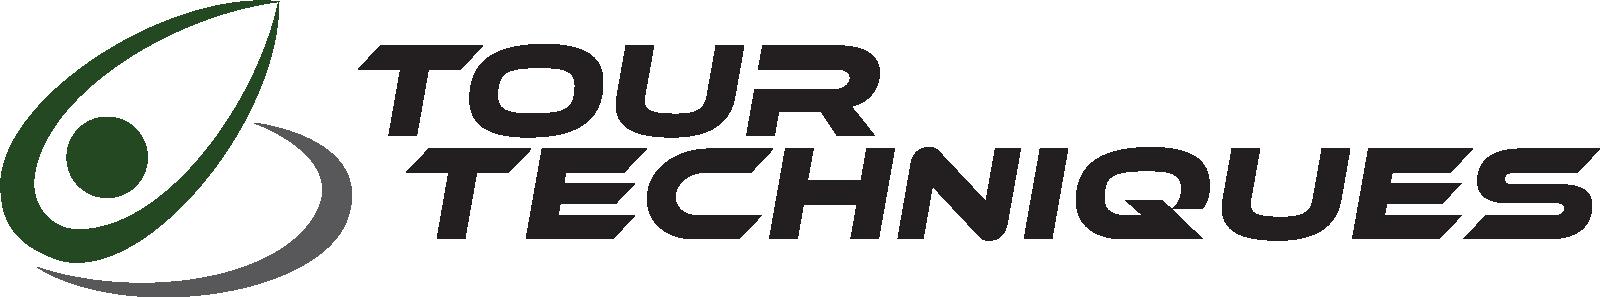 Tour Techniques